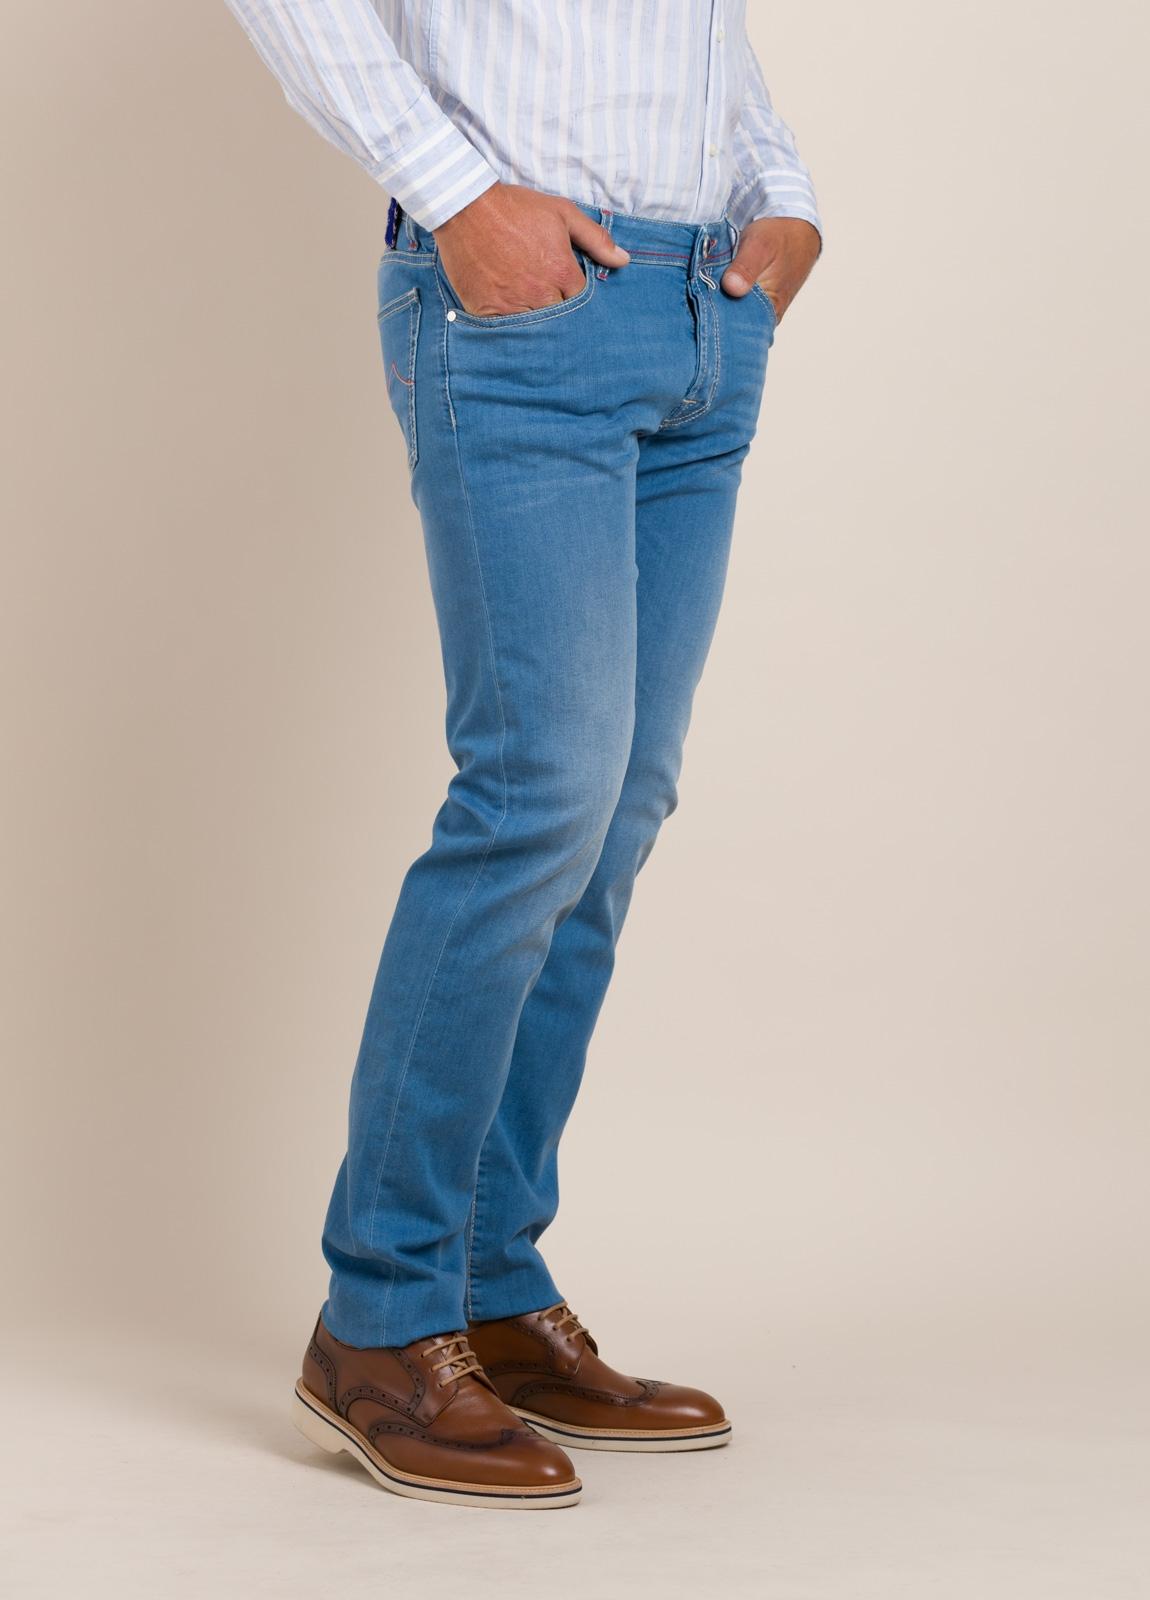 Pantalón tejano JACOB COHEN azul medio - Ítem6